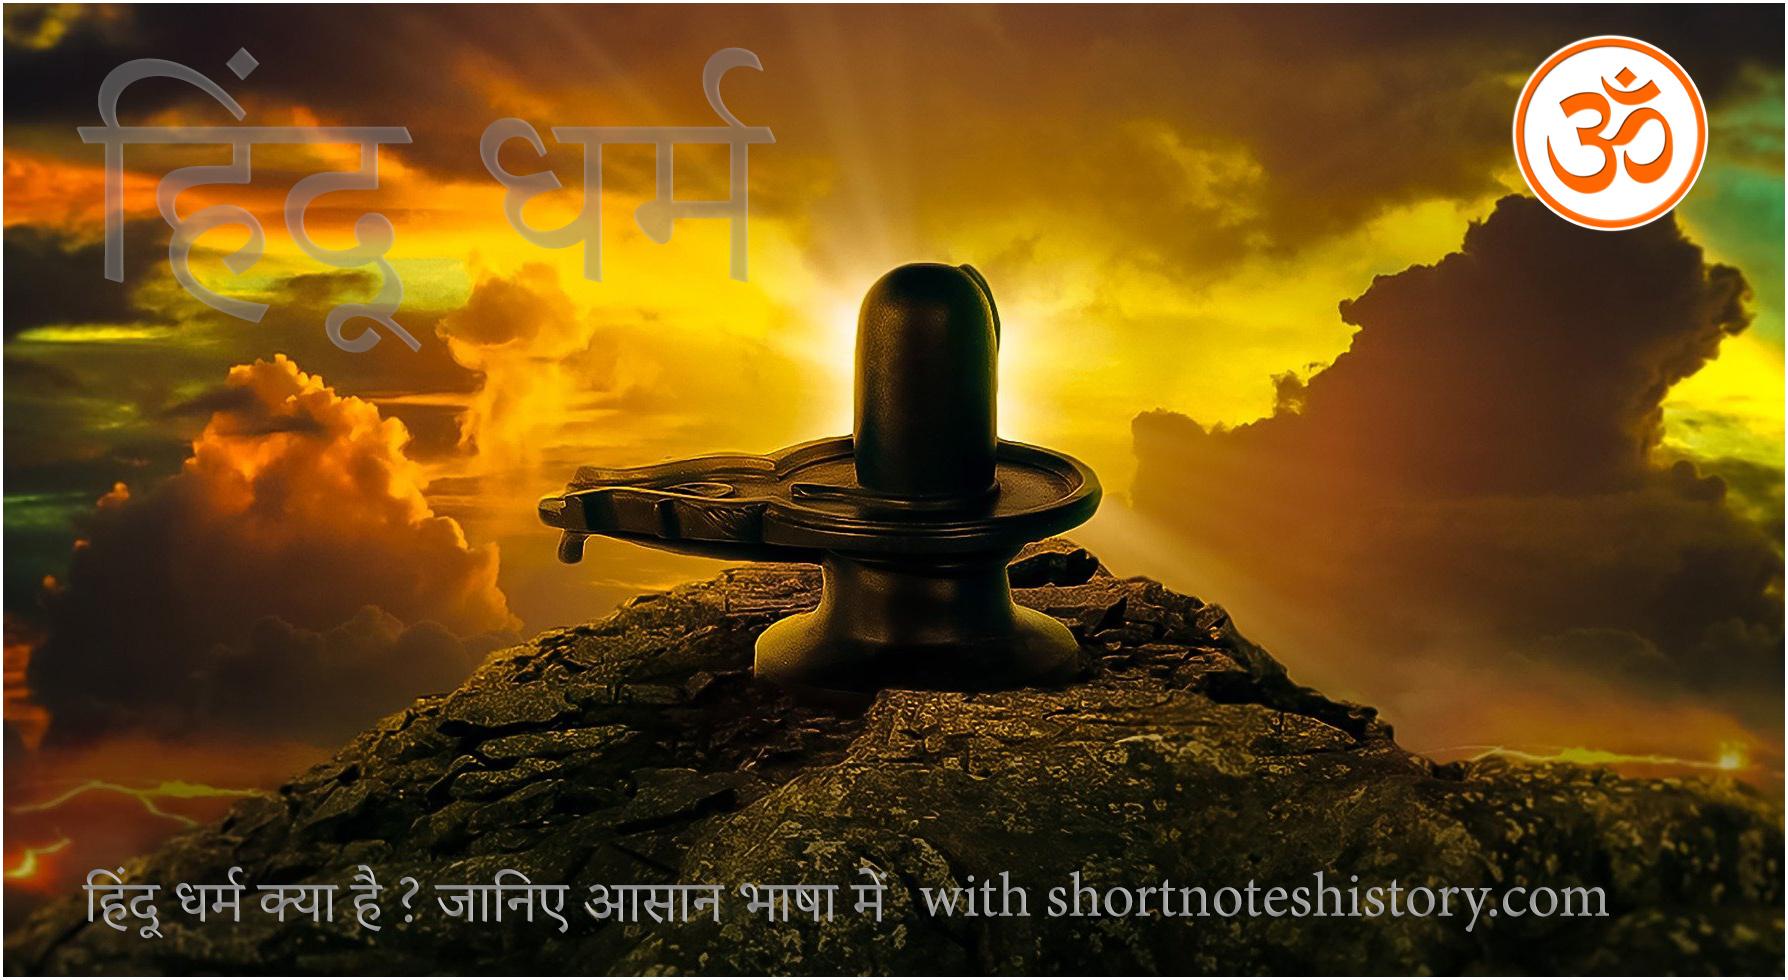 हिन्दू धर्म क्या है? [What is Hinduism]